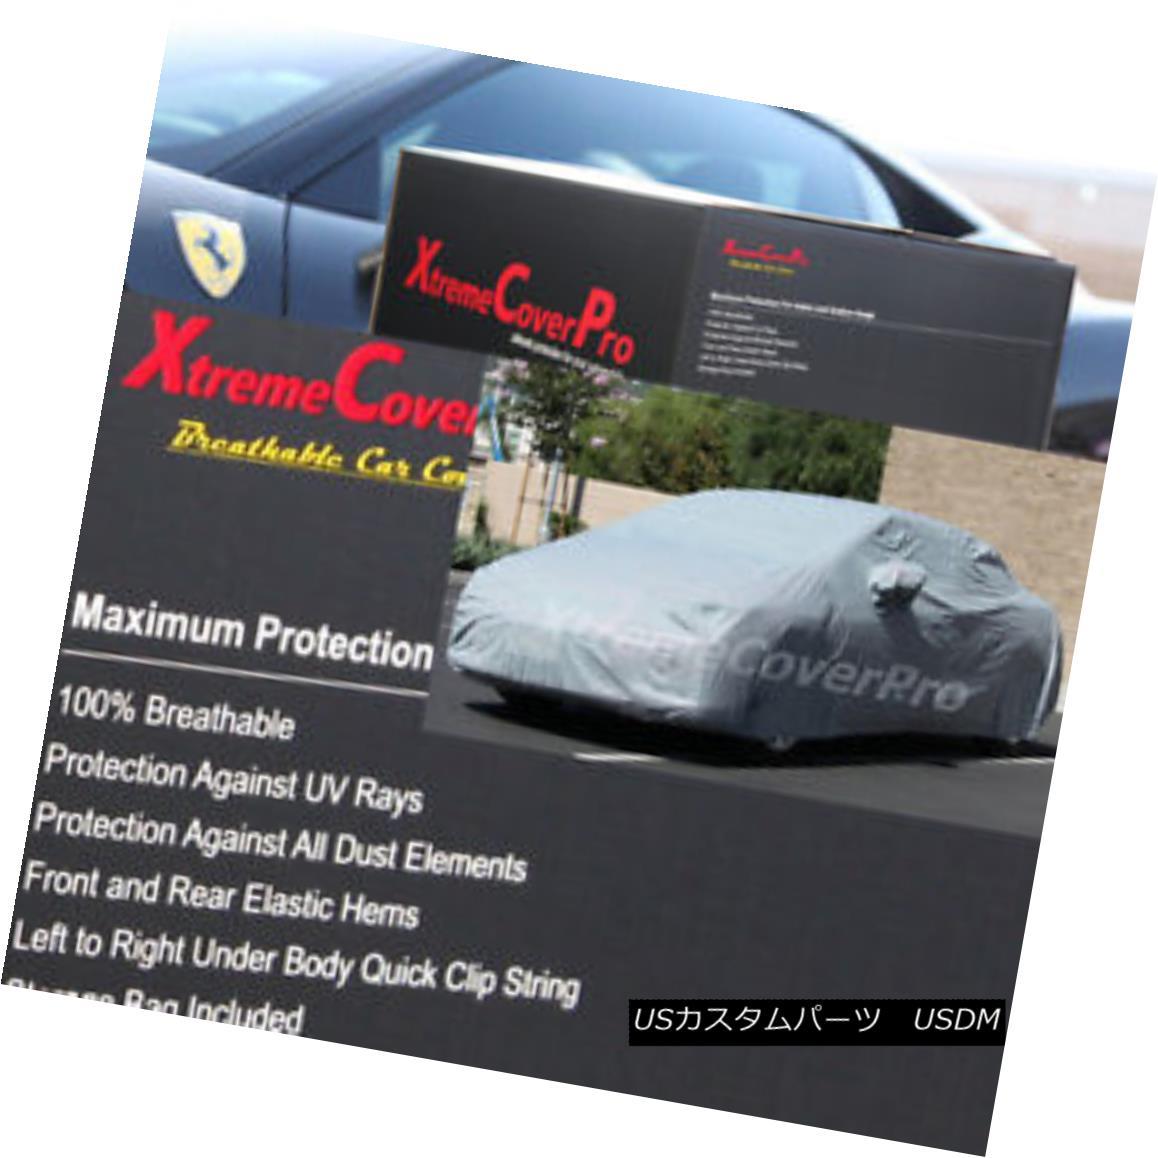 カーカバー 1995 1996 1997 1998 Volkswagen Golf Breathable Car Cover w/MirrorPocket 1995 1996 1997 1998フォルクスワーゲンゴルフ通気性車カバー付きMirrorPocket